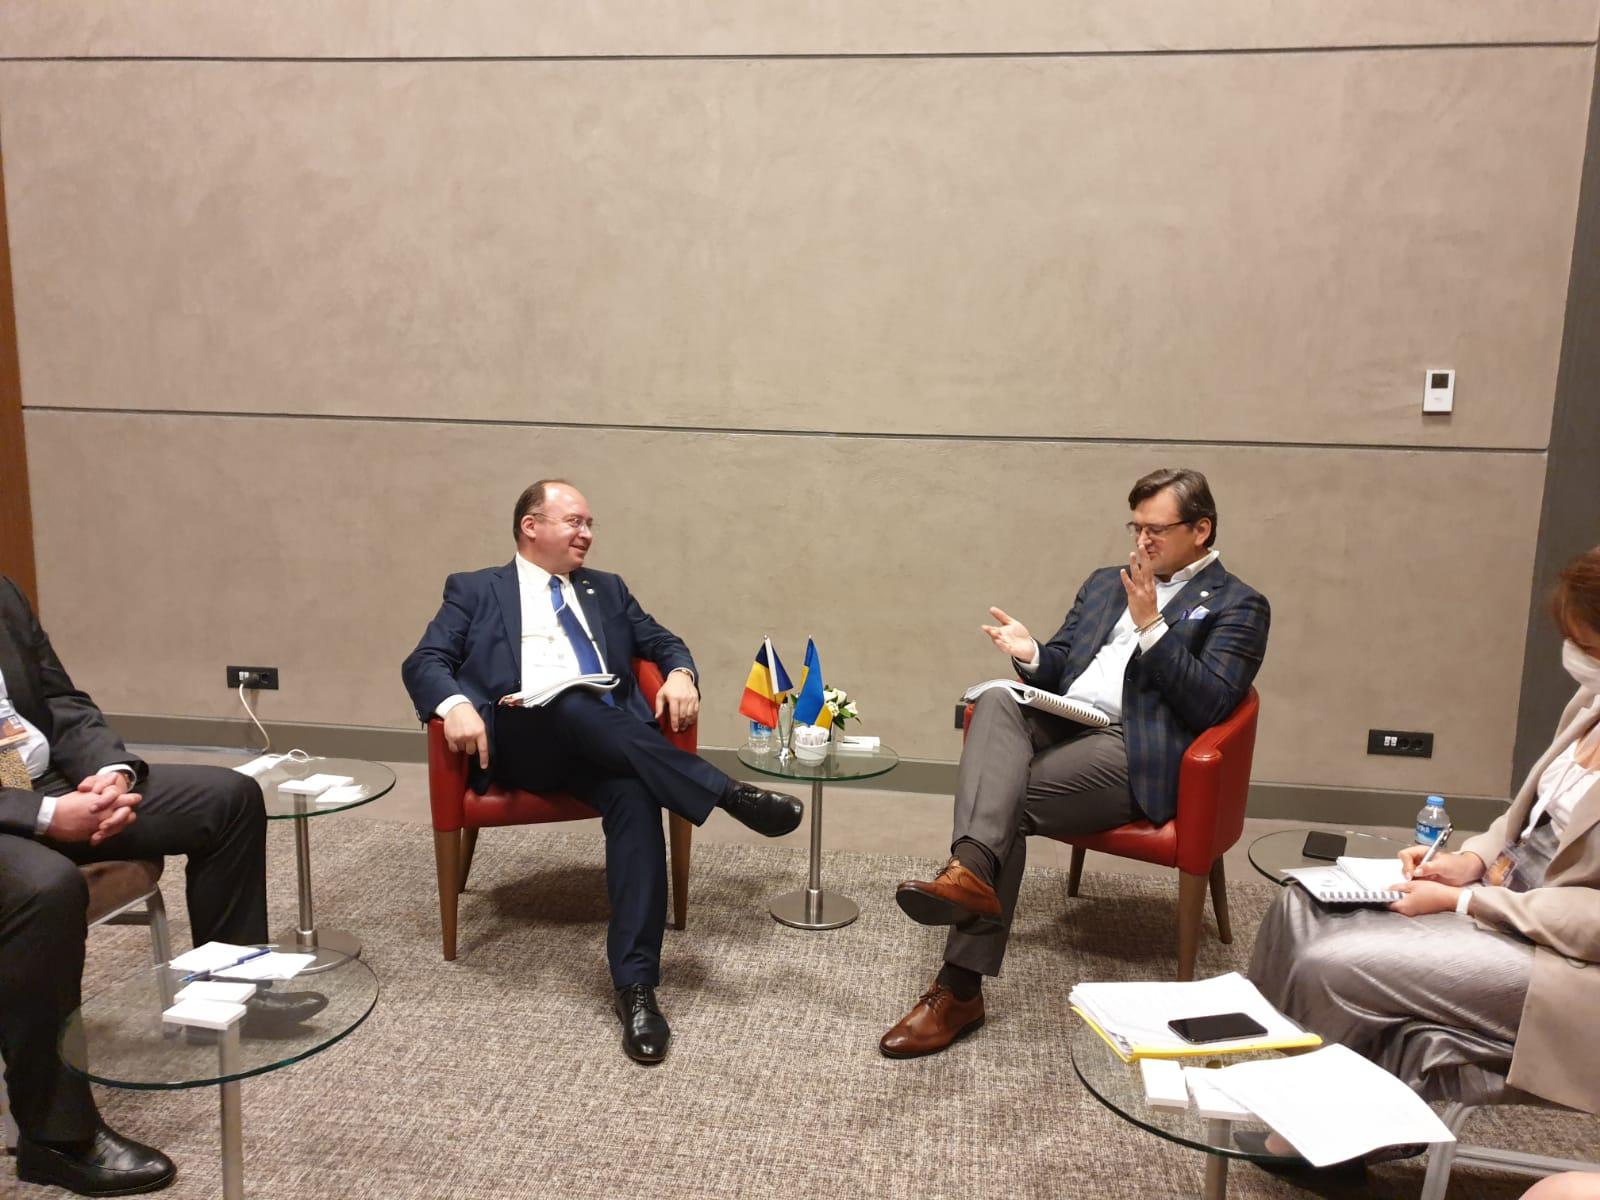 Aurescu s-a întâlnit cu ministrul de Externe ucrainean, printre temele abordate fiind și situația securității la Marea Neagra